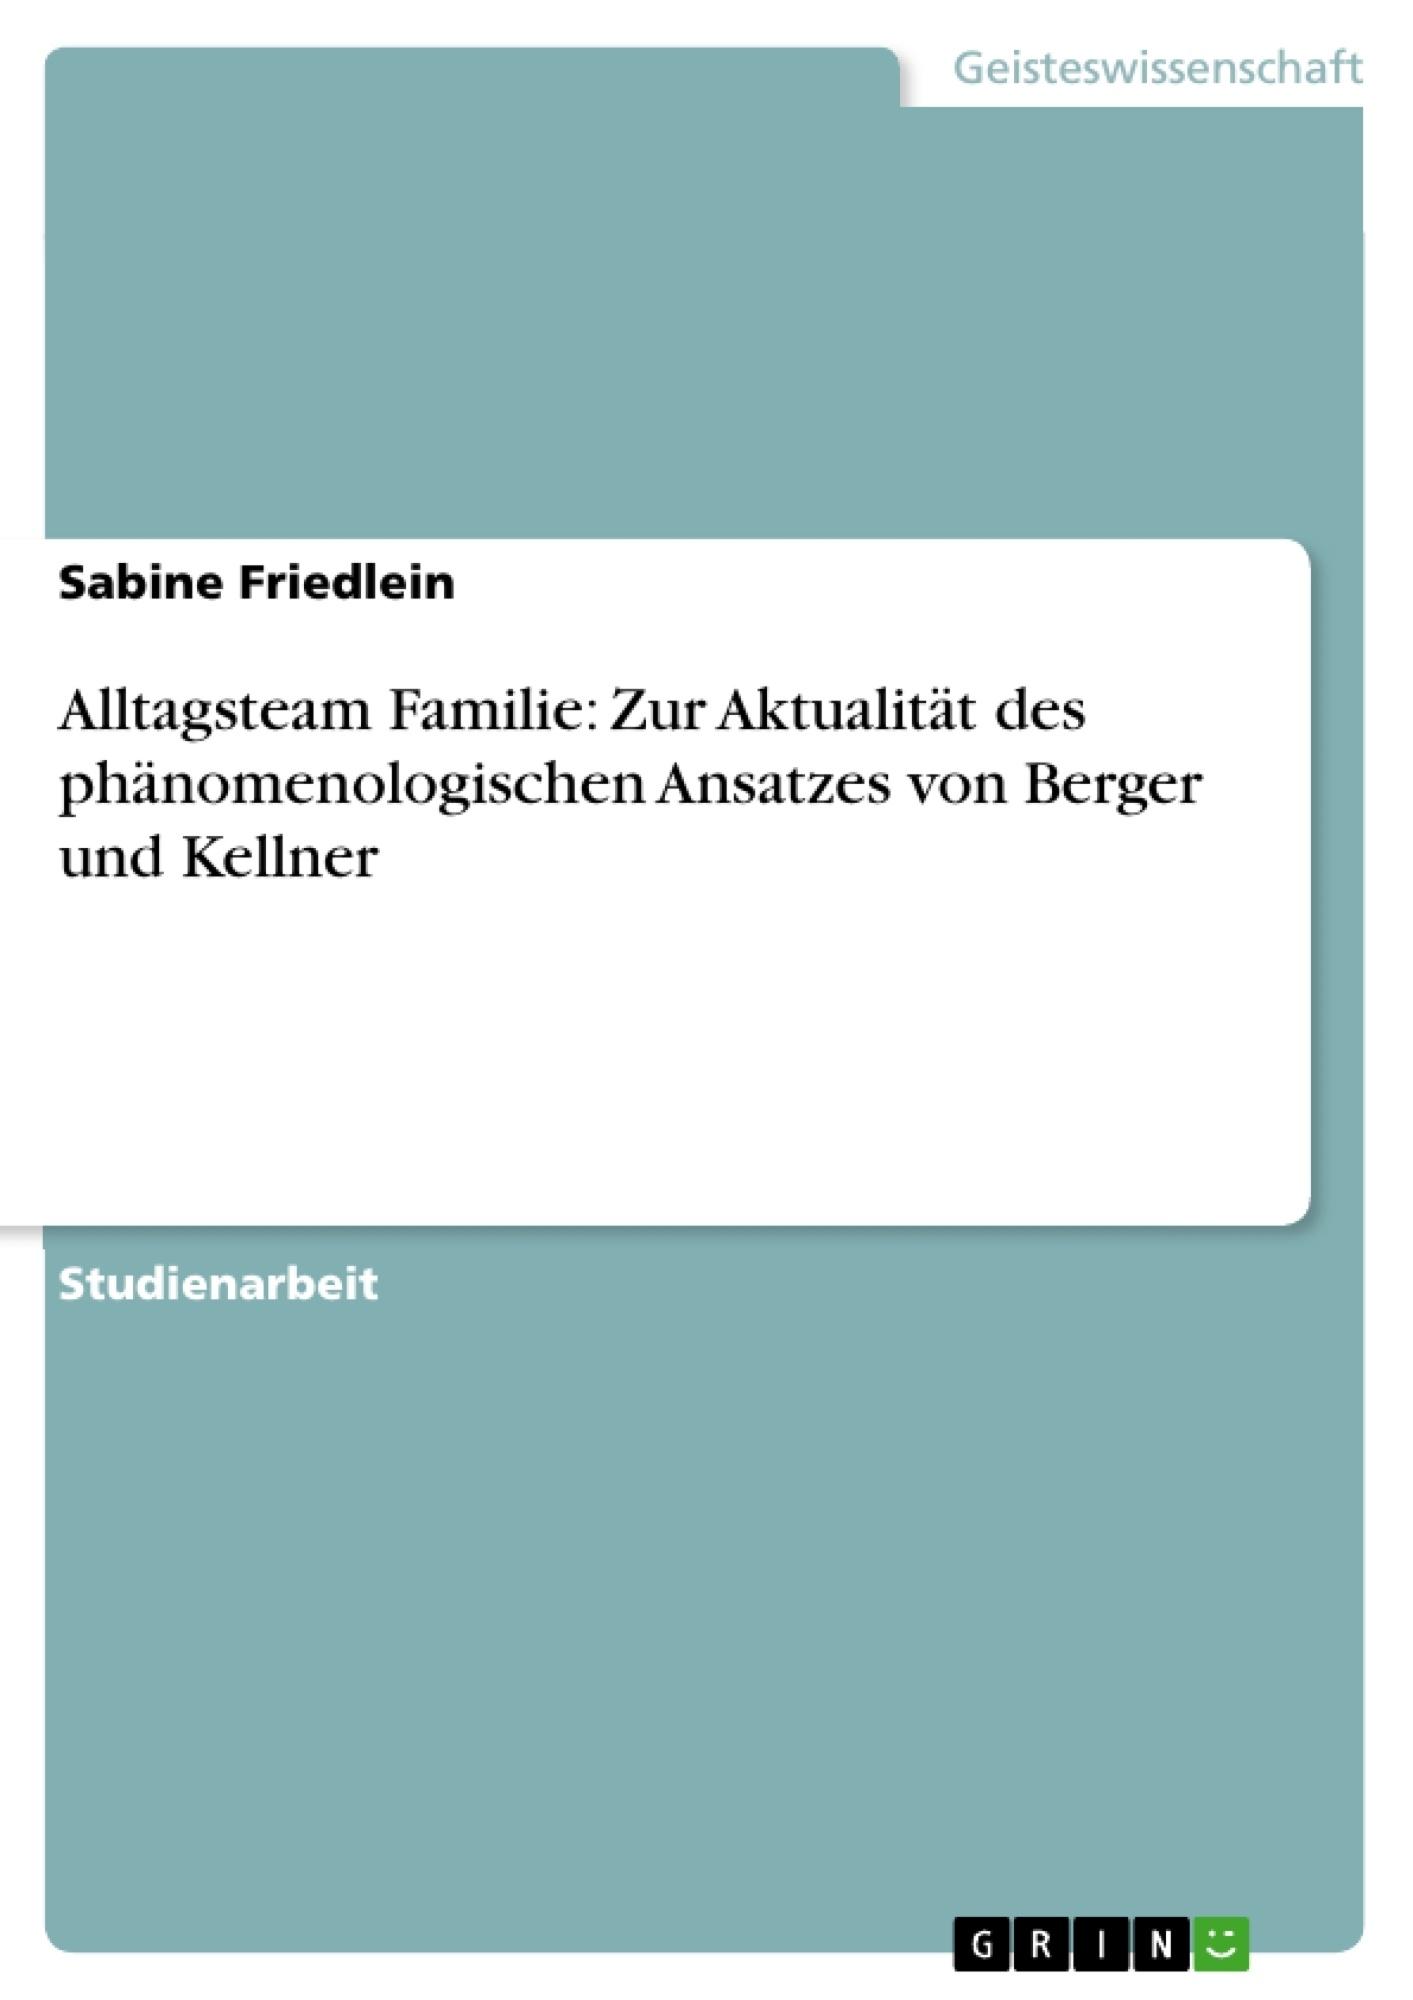 Titel: Alltagsteam Familie: Zur Aktualität des phänomenologischen Ansatzes von Berger und Kellner